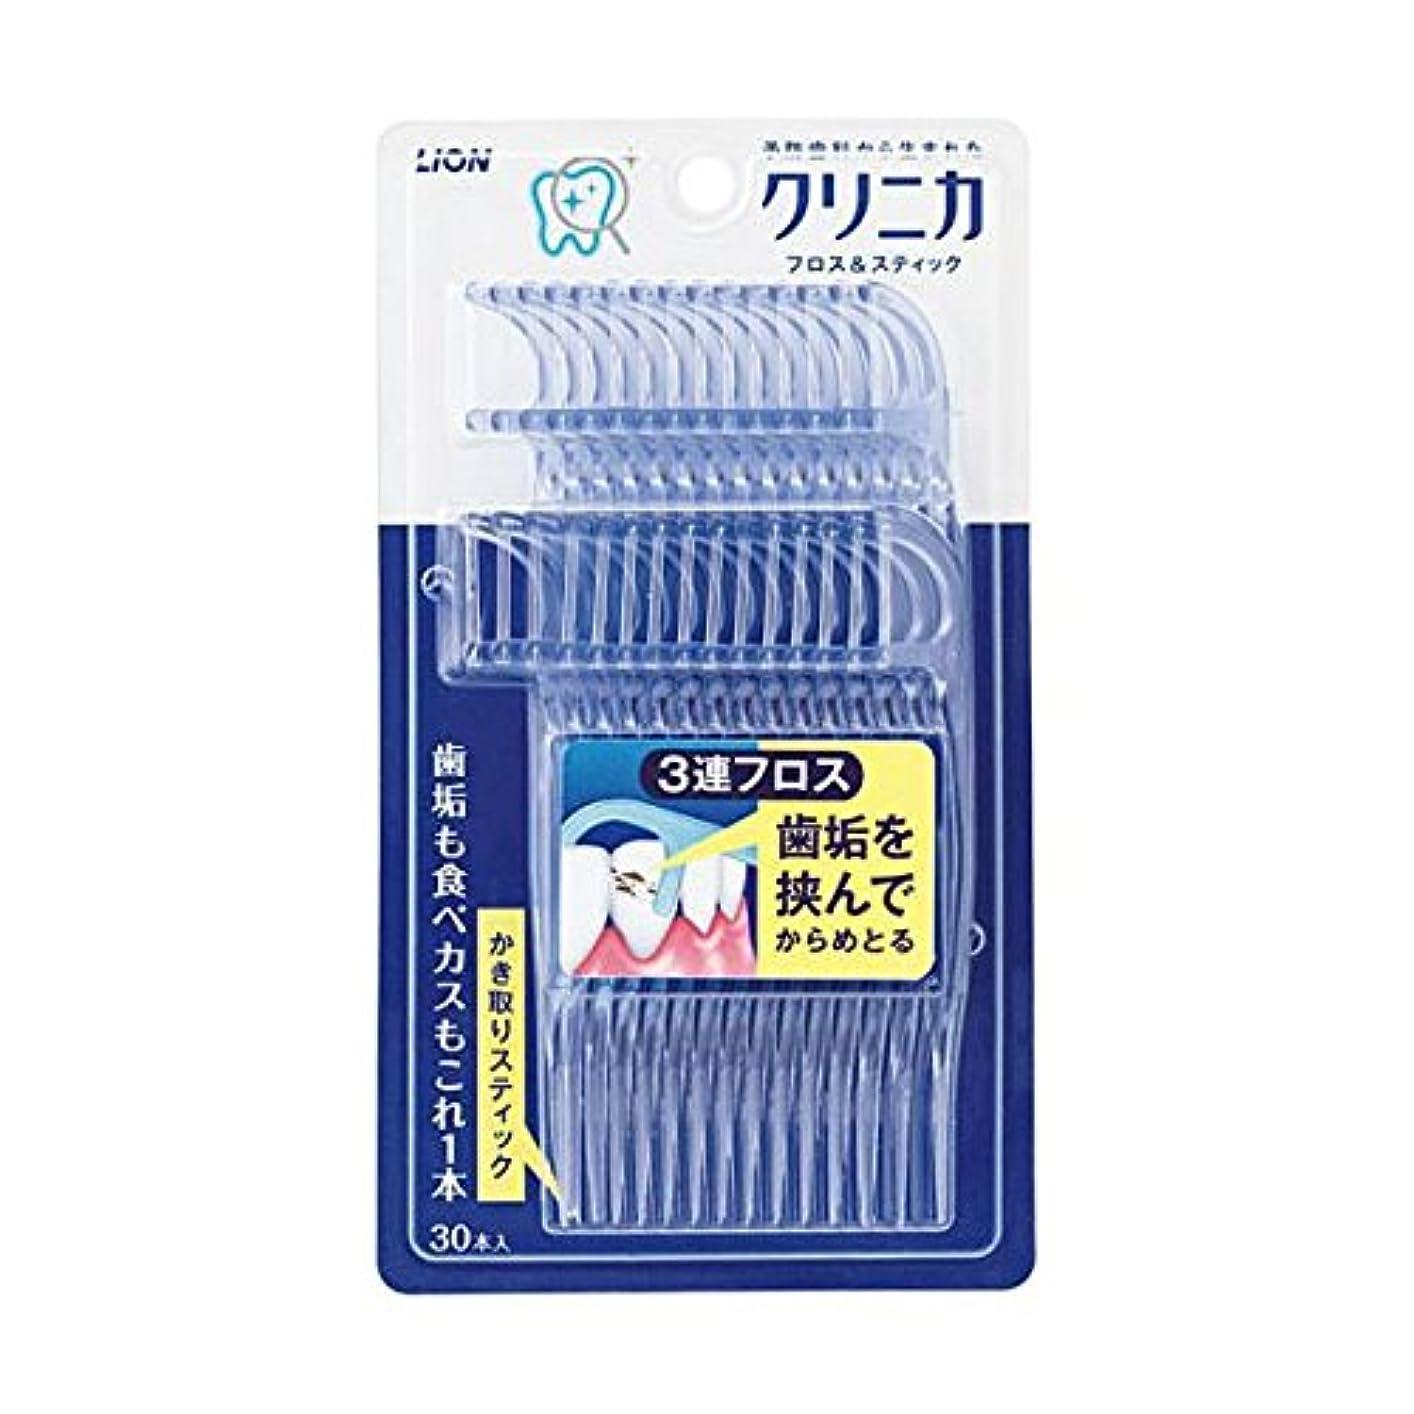 フェードトレード化学薬品【まとめ買い】クリニカ フロス&スティック 30本【×3個】